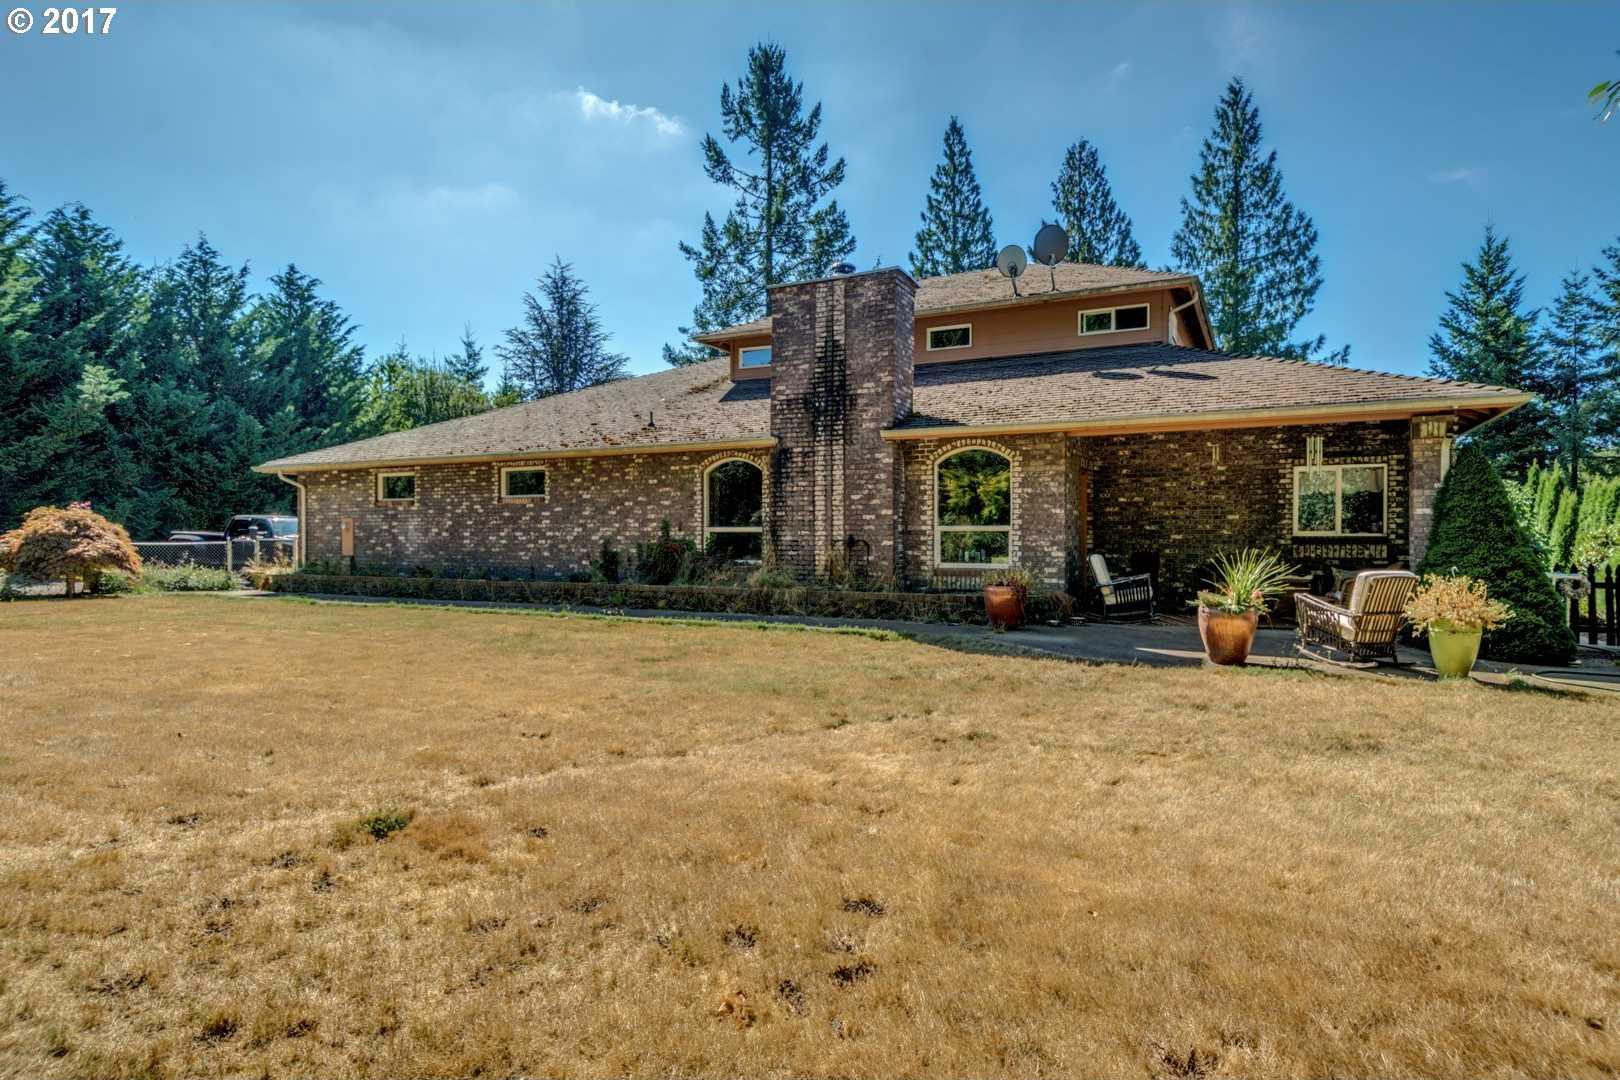 $400,000 - 3Br/2Ba -  for Sale in Beavercreek